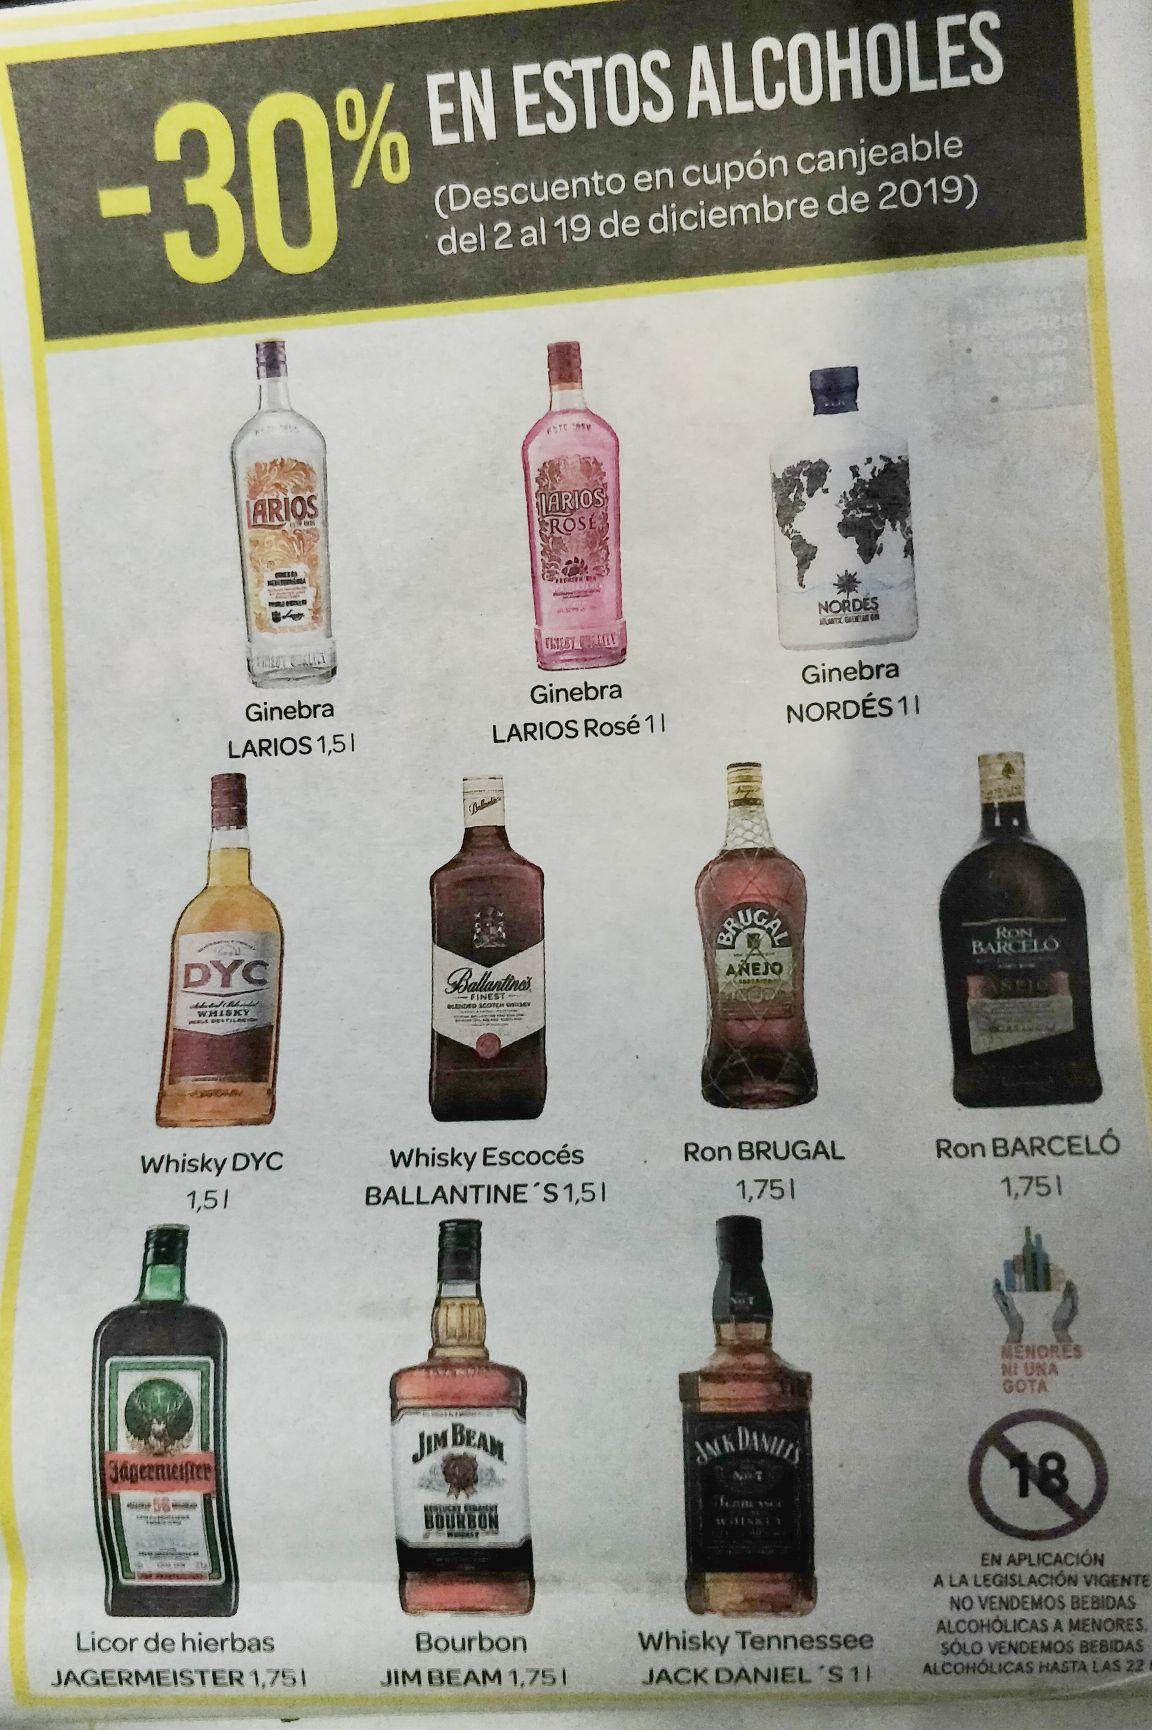 30% en cupón canjeable en estos alcoholes